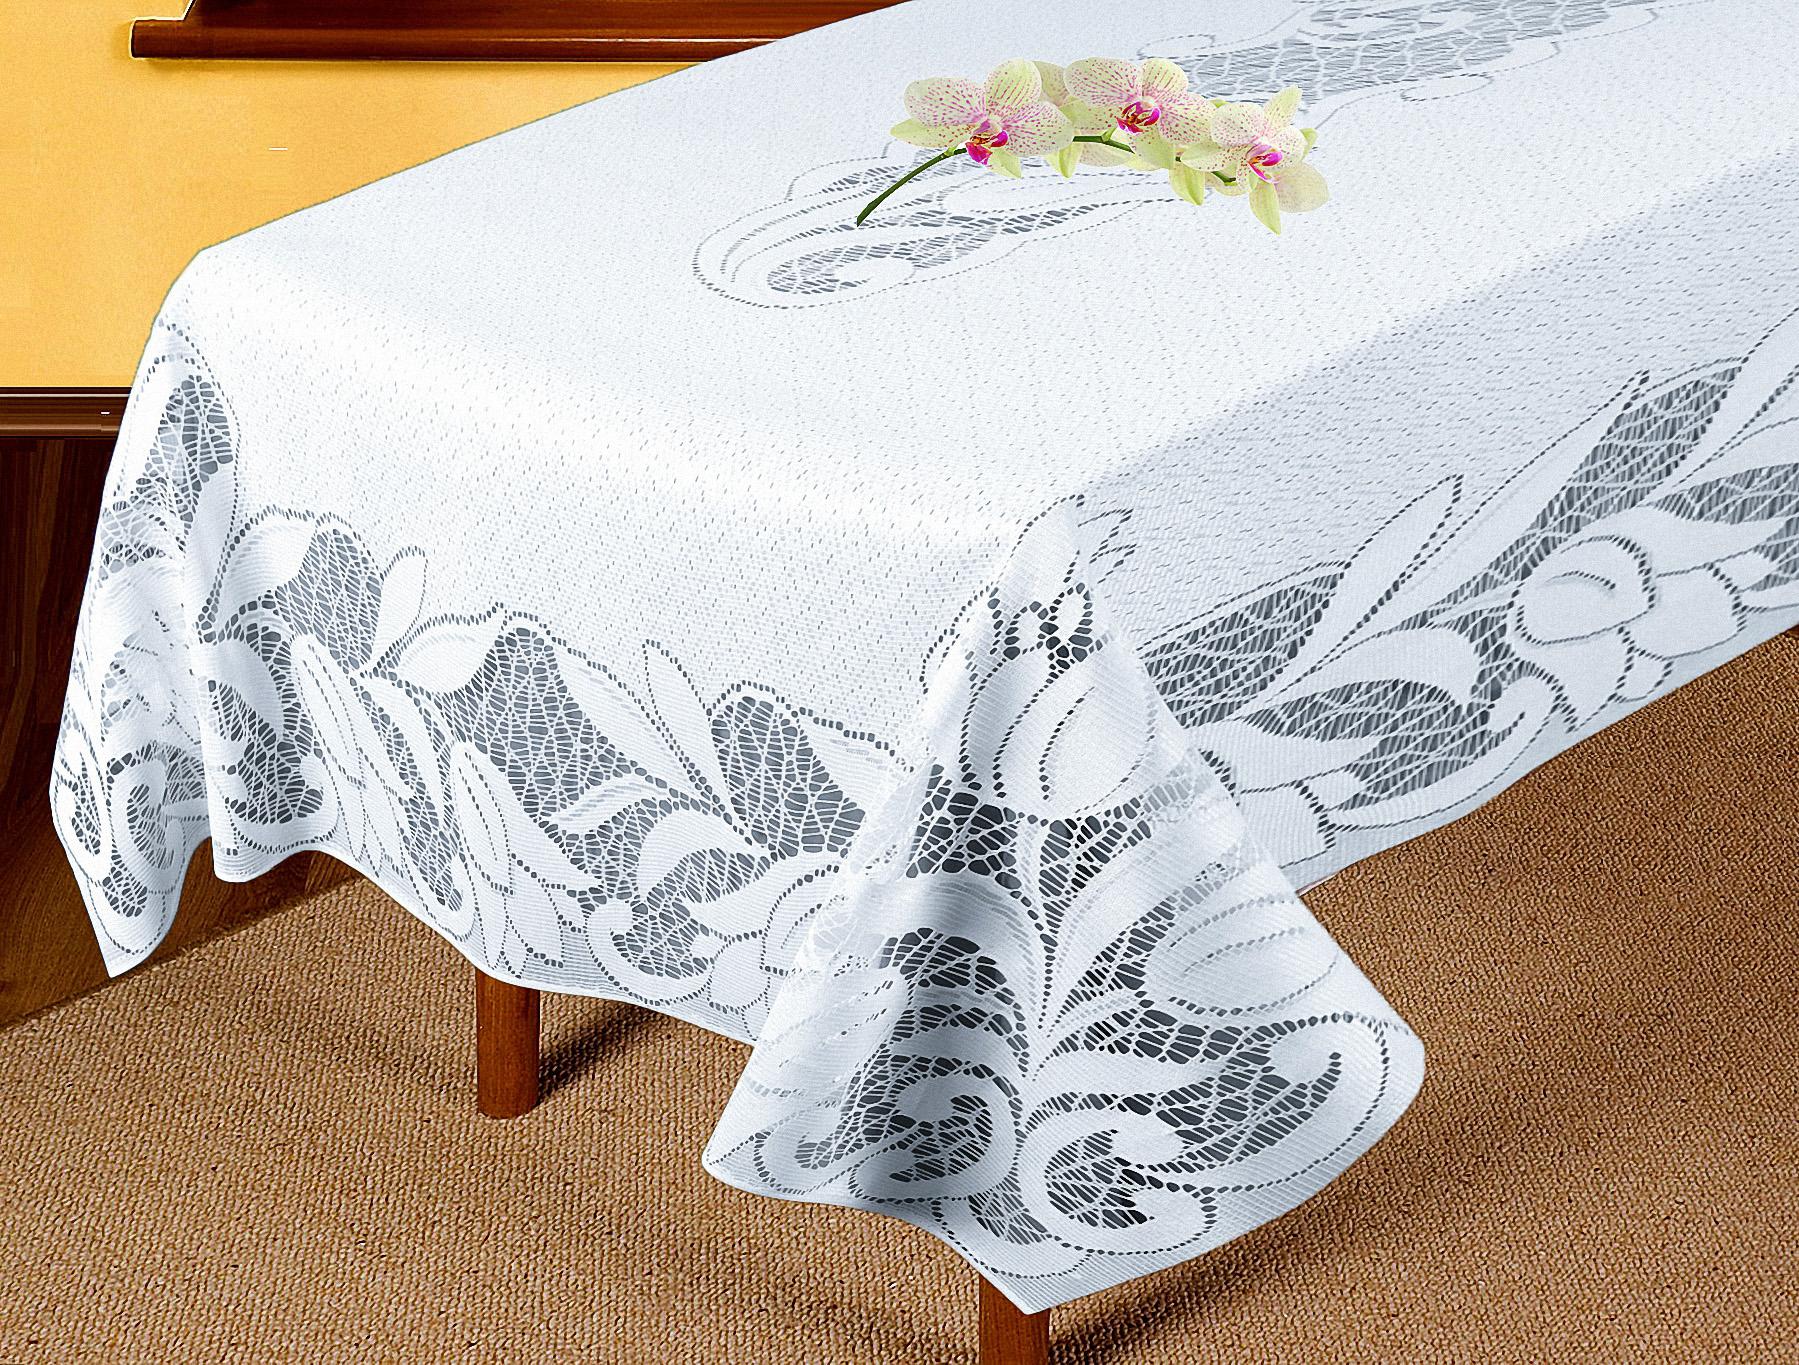 Скатерти и салфетки Elegante Скатерть Tamzen (120х165 см) скатерти и салфетки подушкино скатерть henna 140х180 см